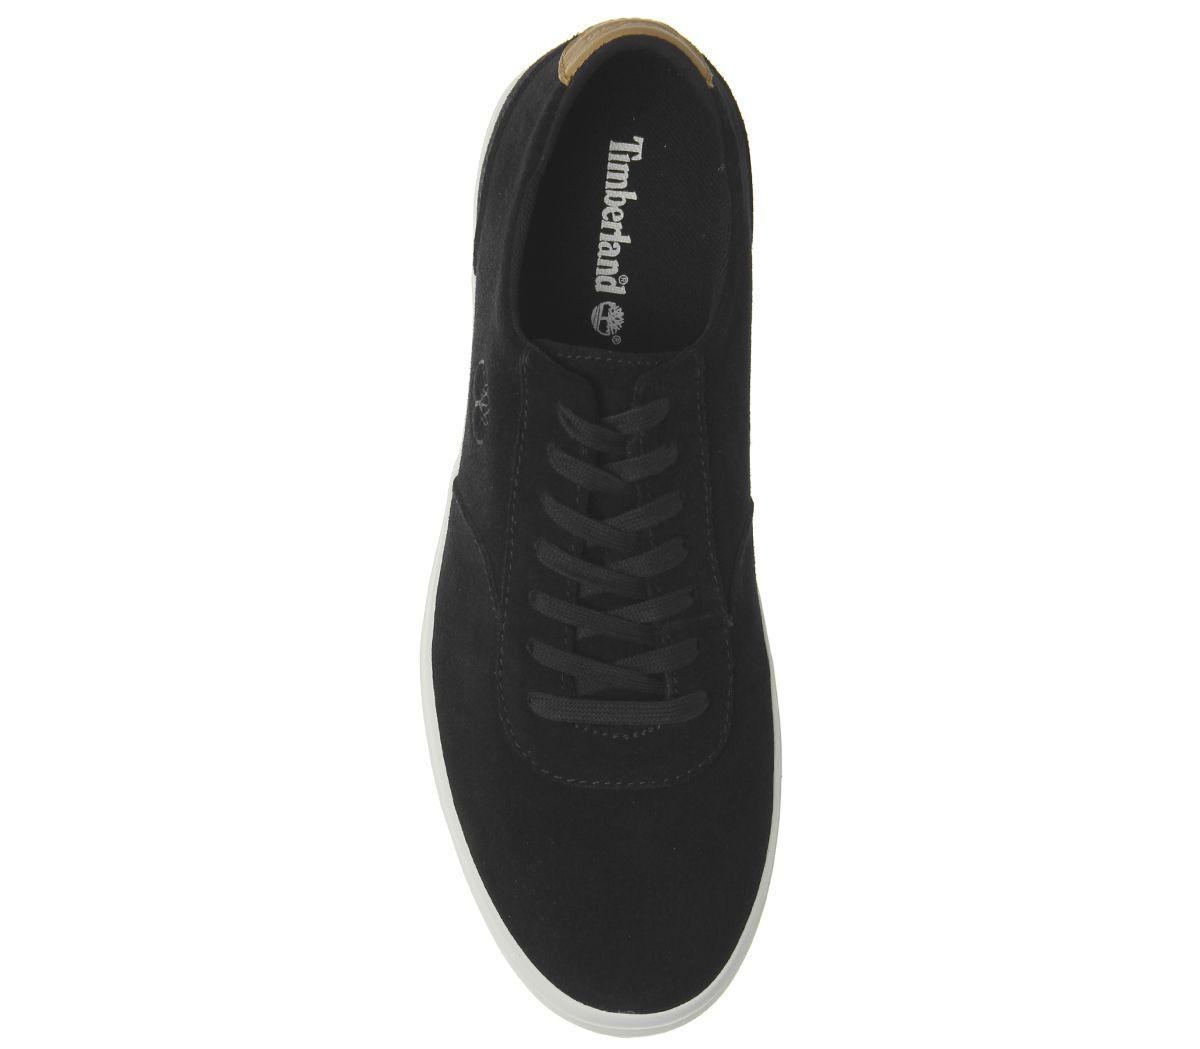 Timberland-Zapatillas-de-Union-Exclusivo-Negro-Zapatillas-Zapatos miniatura 4